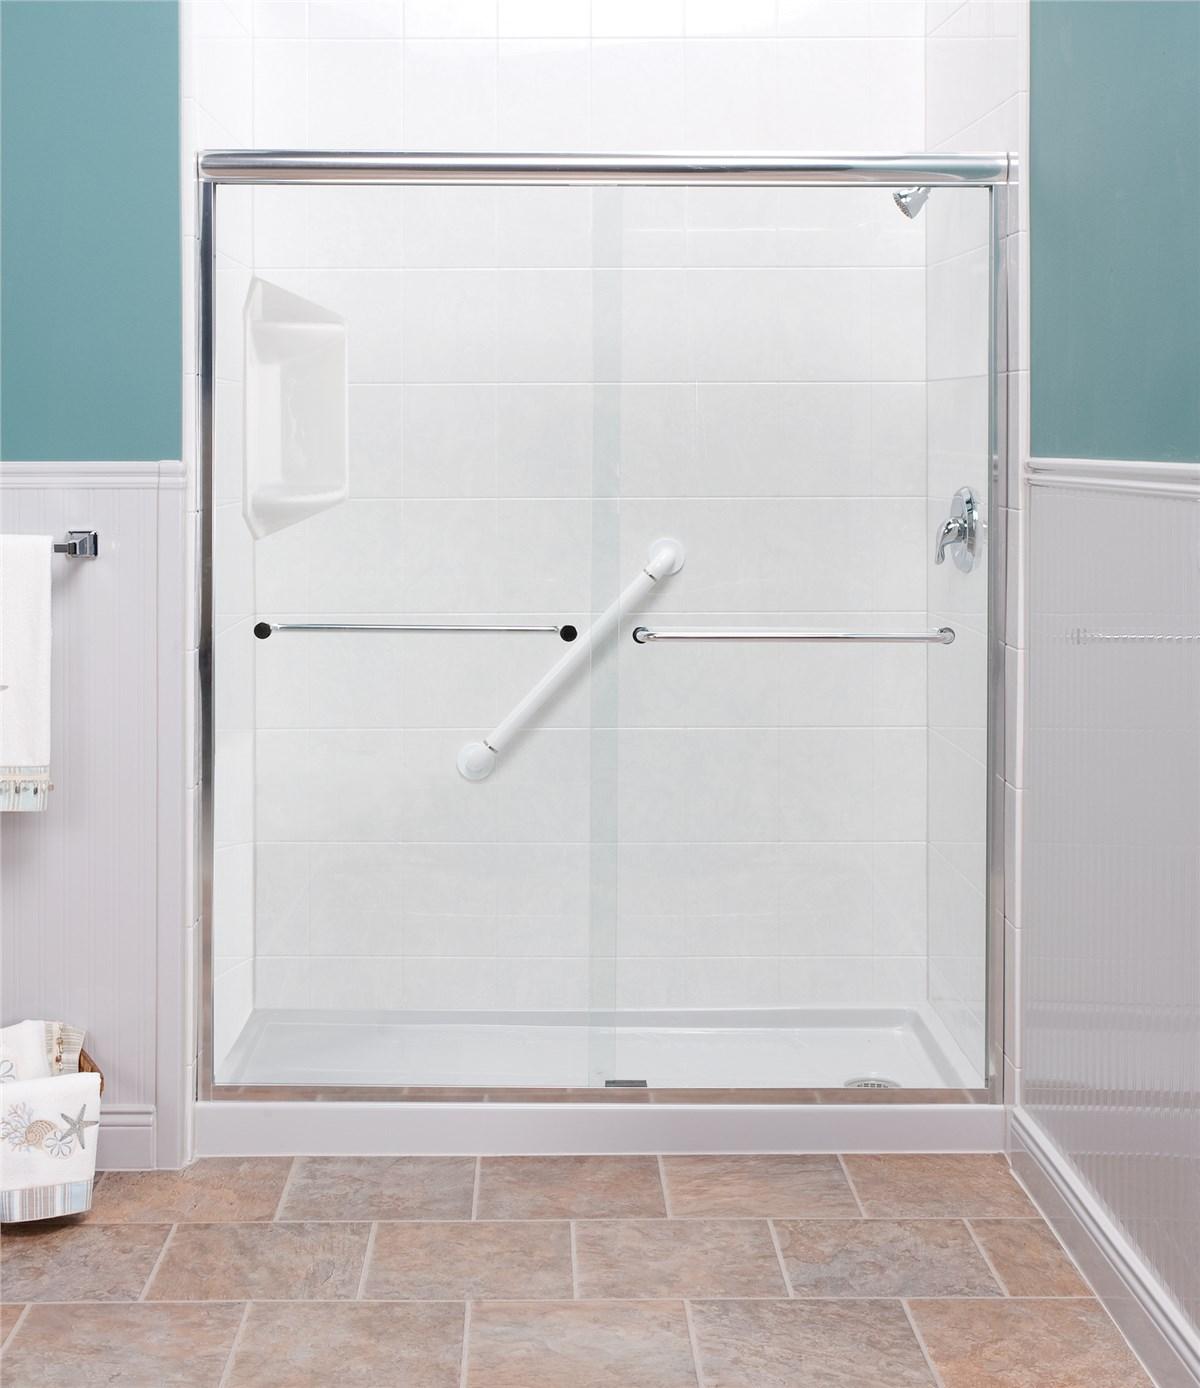 1of1 & New England Shower Doors | Boston Shower Doors | NEWPRO